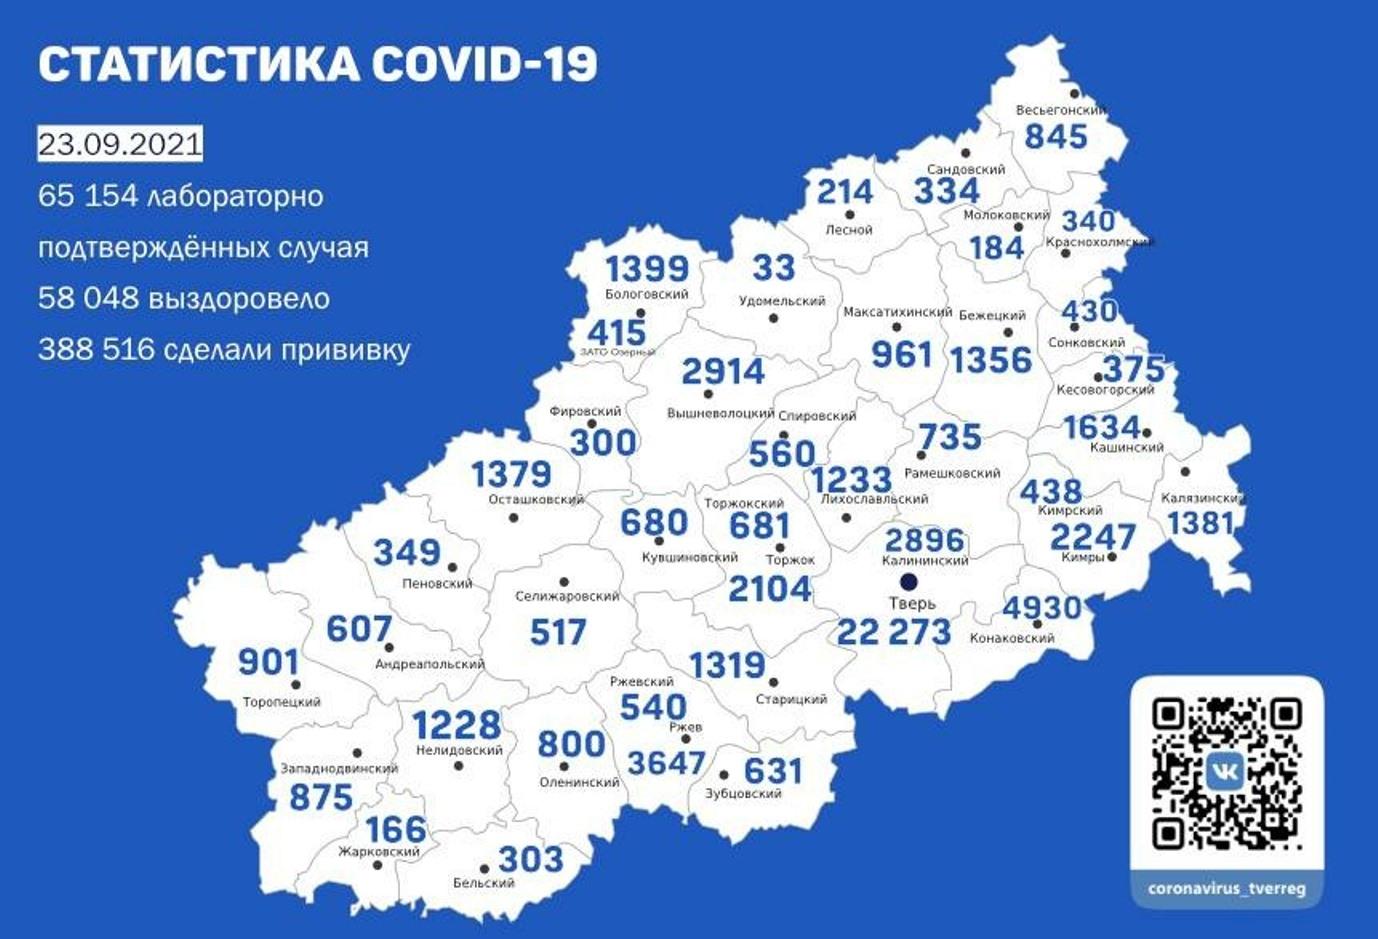 В Твери +85 зараженных. Карта коронавируса в Тверской области за 23 сентября